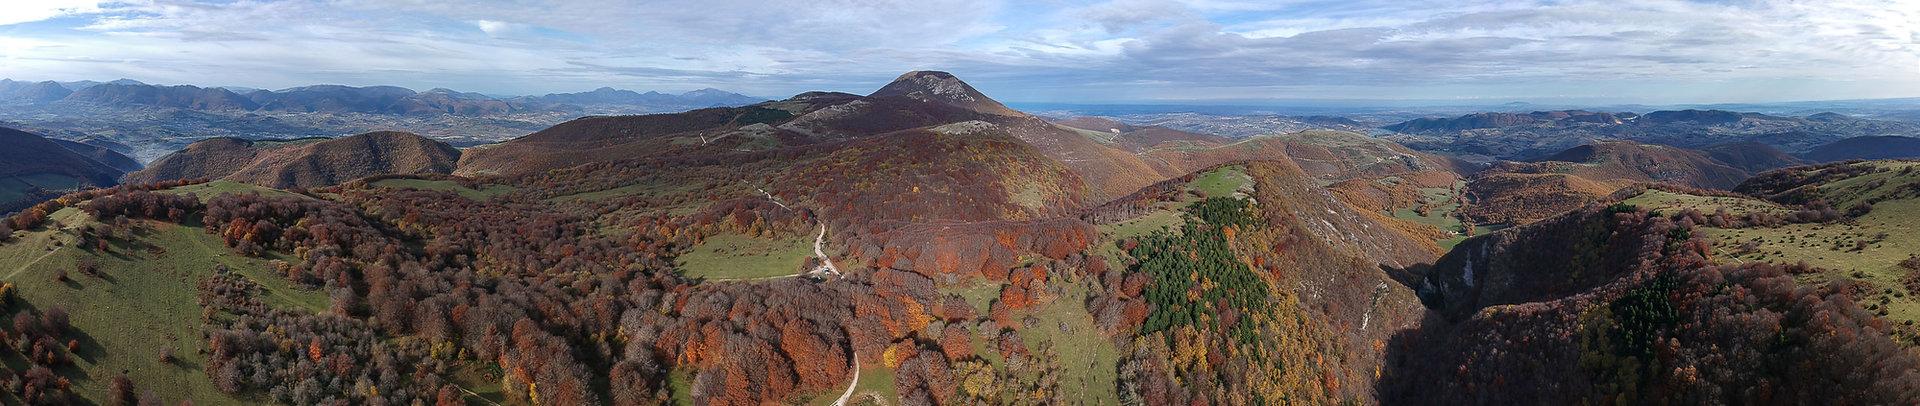 Monte San Vicino e Canfaito.jpg